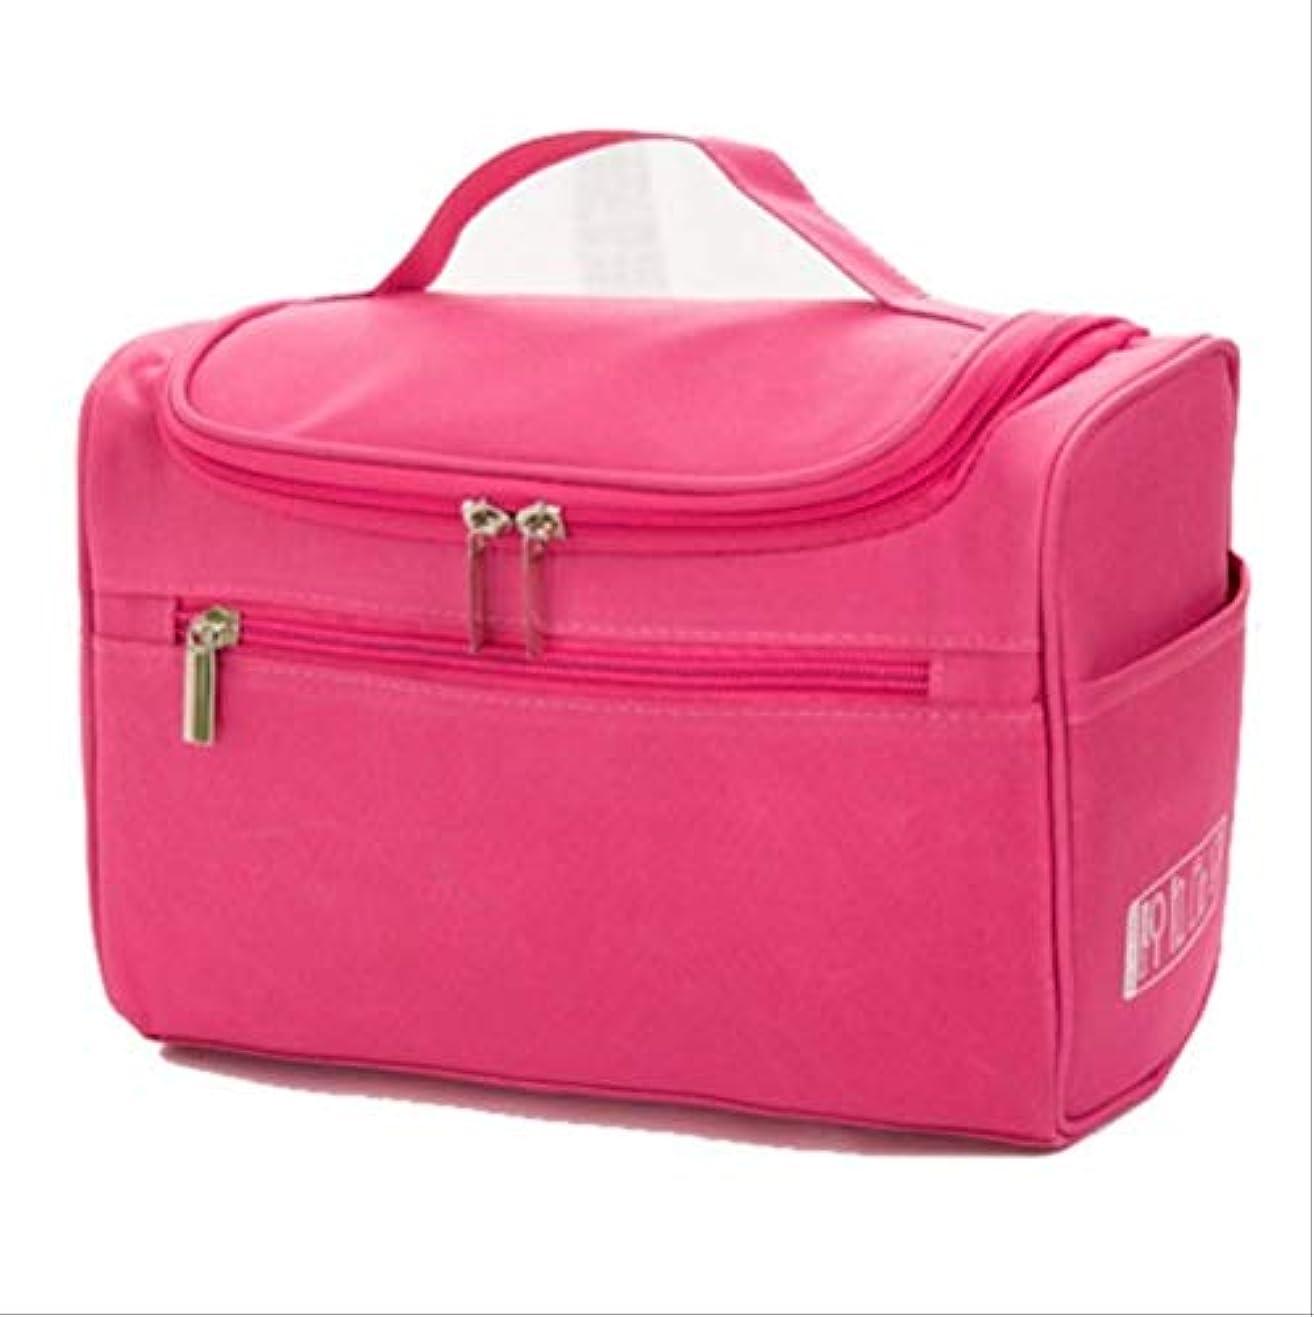 セクタフローティング石化する女性用大型防水化粧品バッグ旅行用化粧品バッグの構成には化粧品が必要ですローズレッド